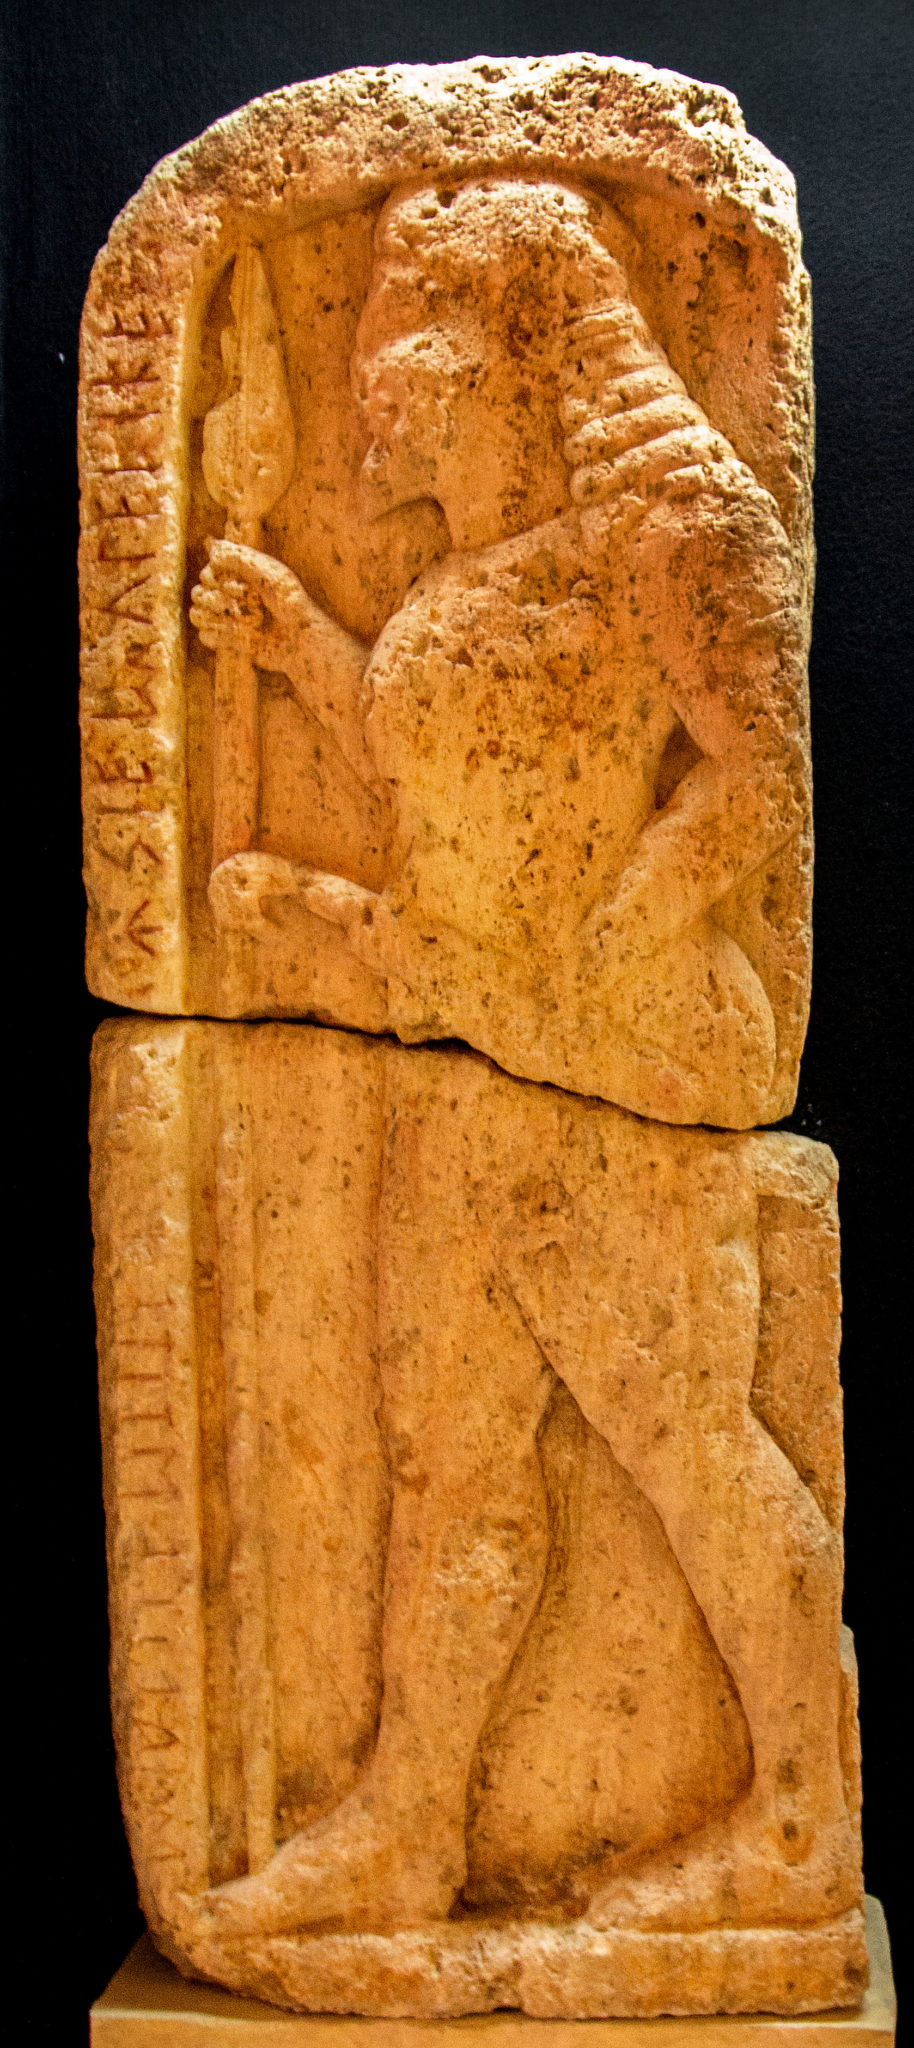 reise-zikaden.de, italy, tuscany, volterra, museum guarnacci, Stele Avile Tite - Diese Stele aus Kalkstein zeigt den etruskischen Krieger Avile Tite, trägt eine Inschrift und wurde in der Portone-Nekropole gefunden. Heute kann sie im Museo Etrusco Guarnacci bestaunt werden. Datierung: 550 v. Chr.